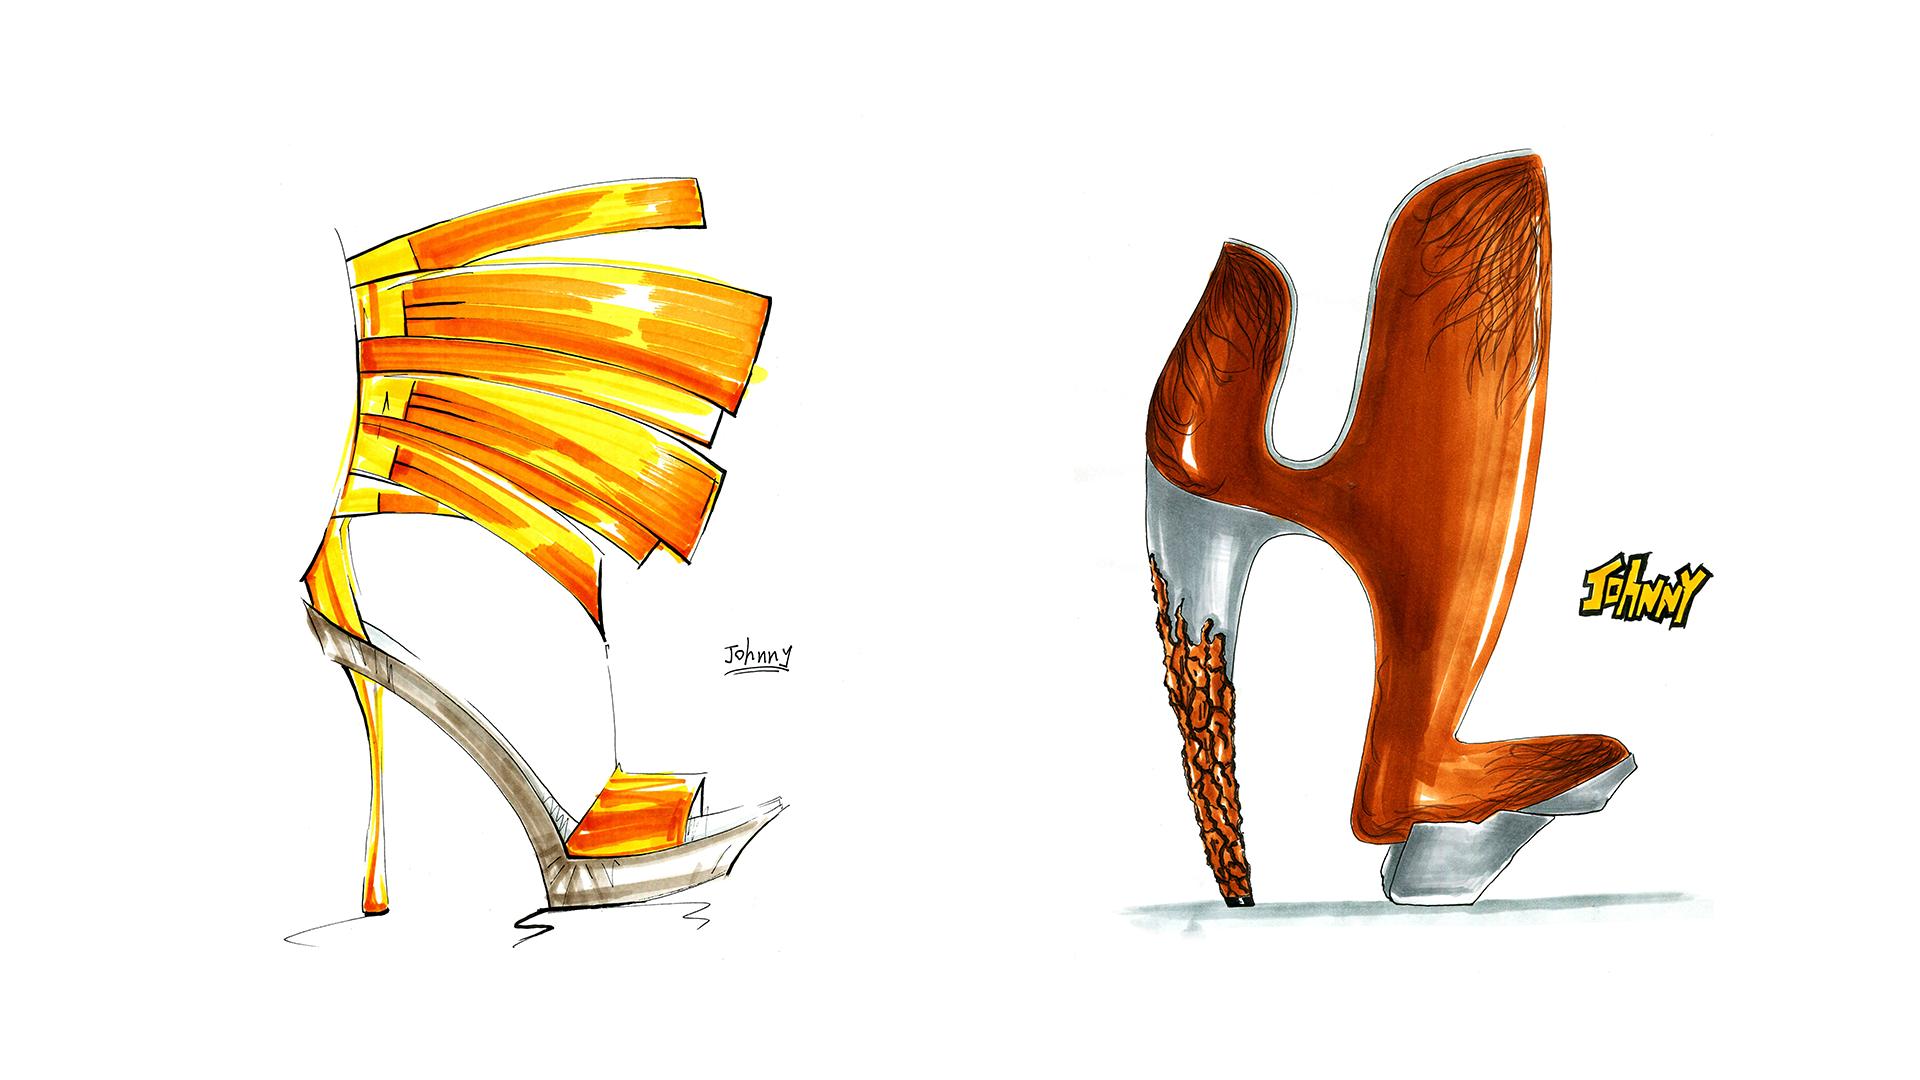 鞋子手绘|服装|鞋类|linlu1990 - 原创作品 - 站酷